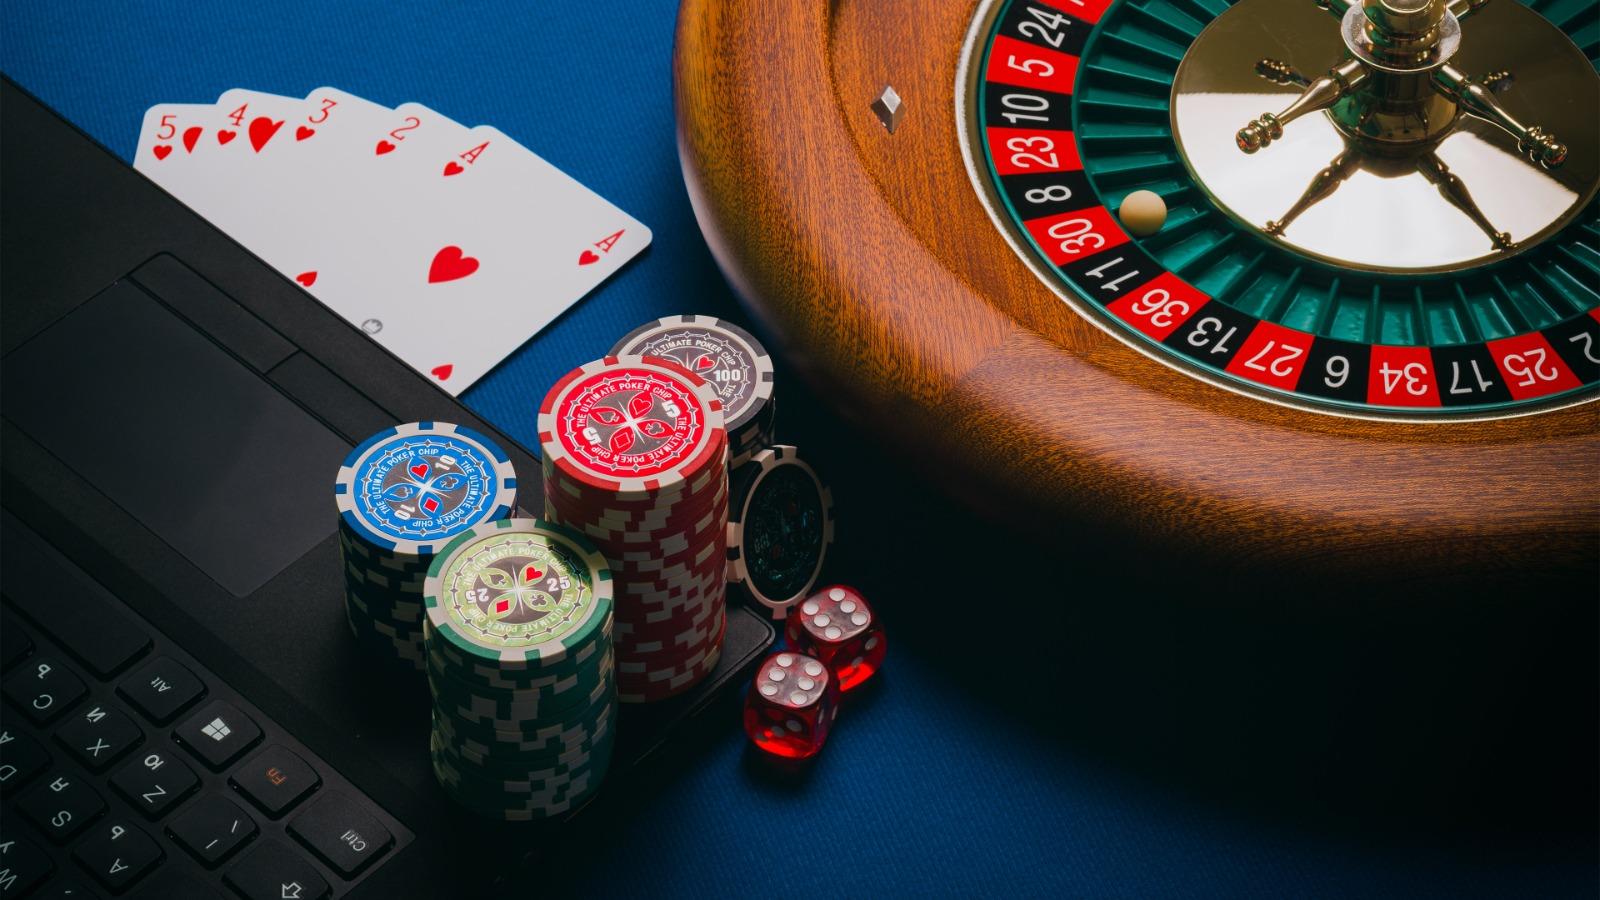 jocuri de noroc, on line